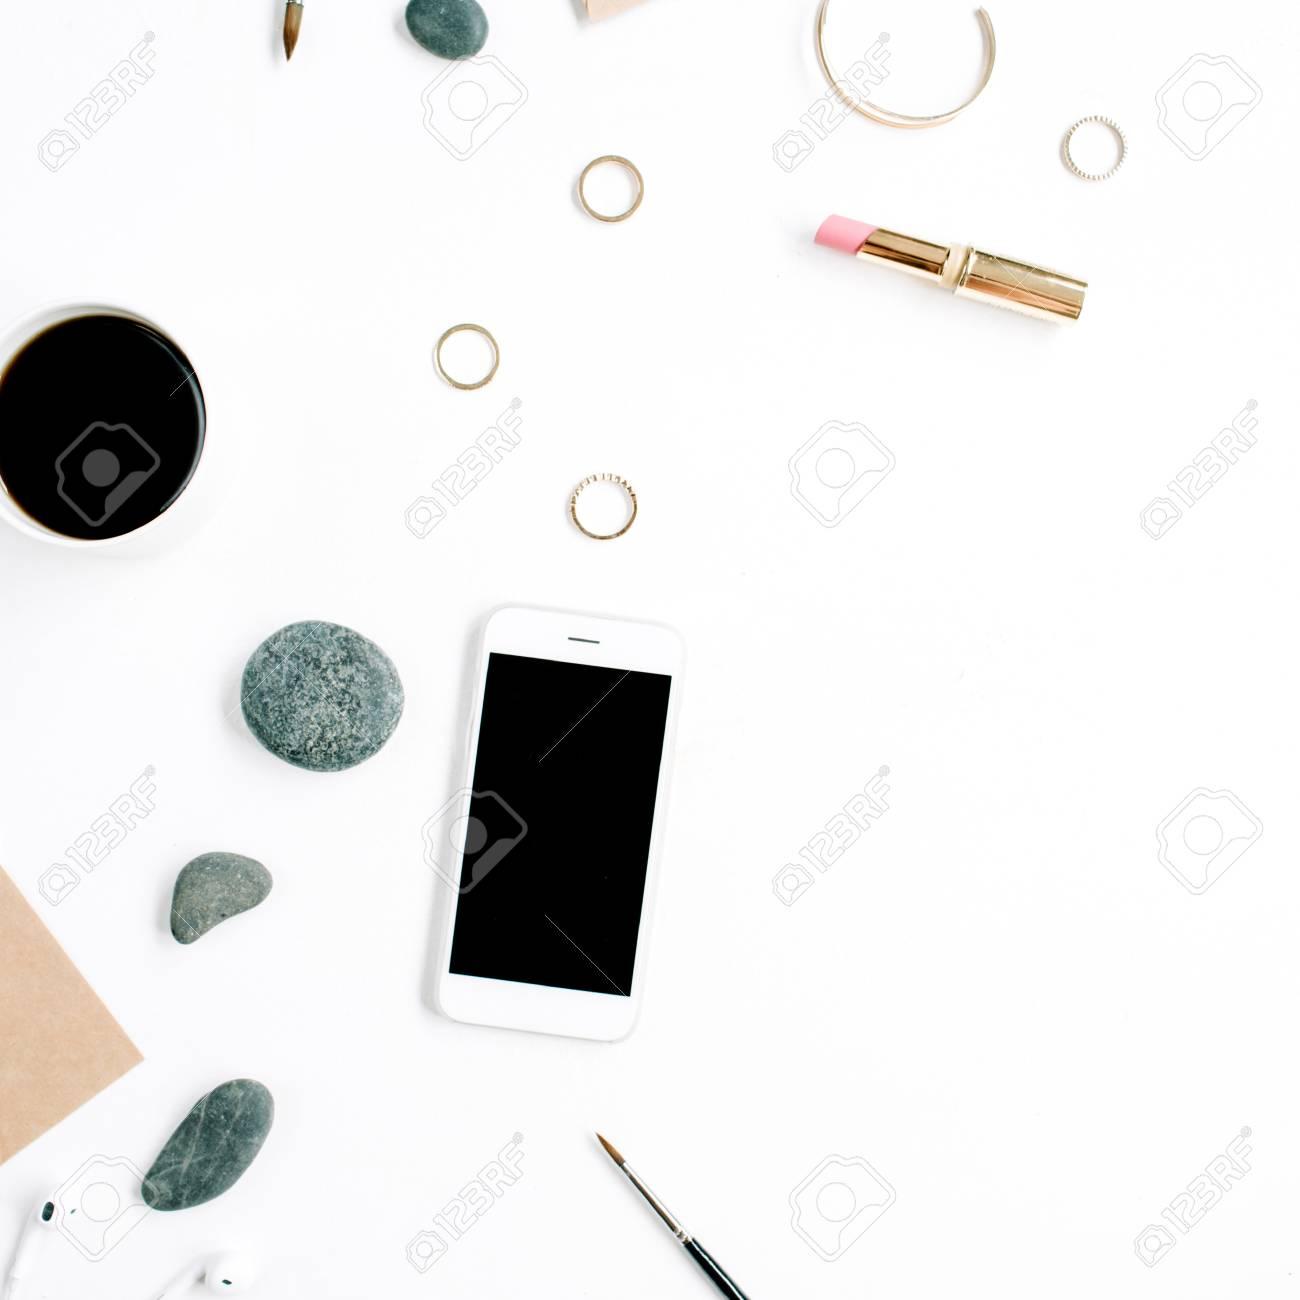 Espace de travail de bureau à domicile avec café, téléphone portable,  enveloppe de bricolage, pierres, écouteurs et papier vierge sur fond blanc  Lay